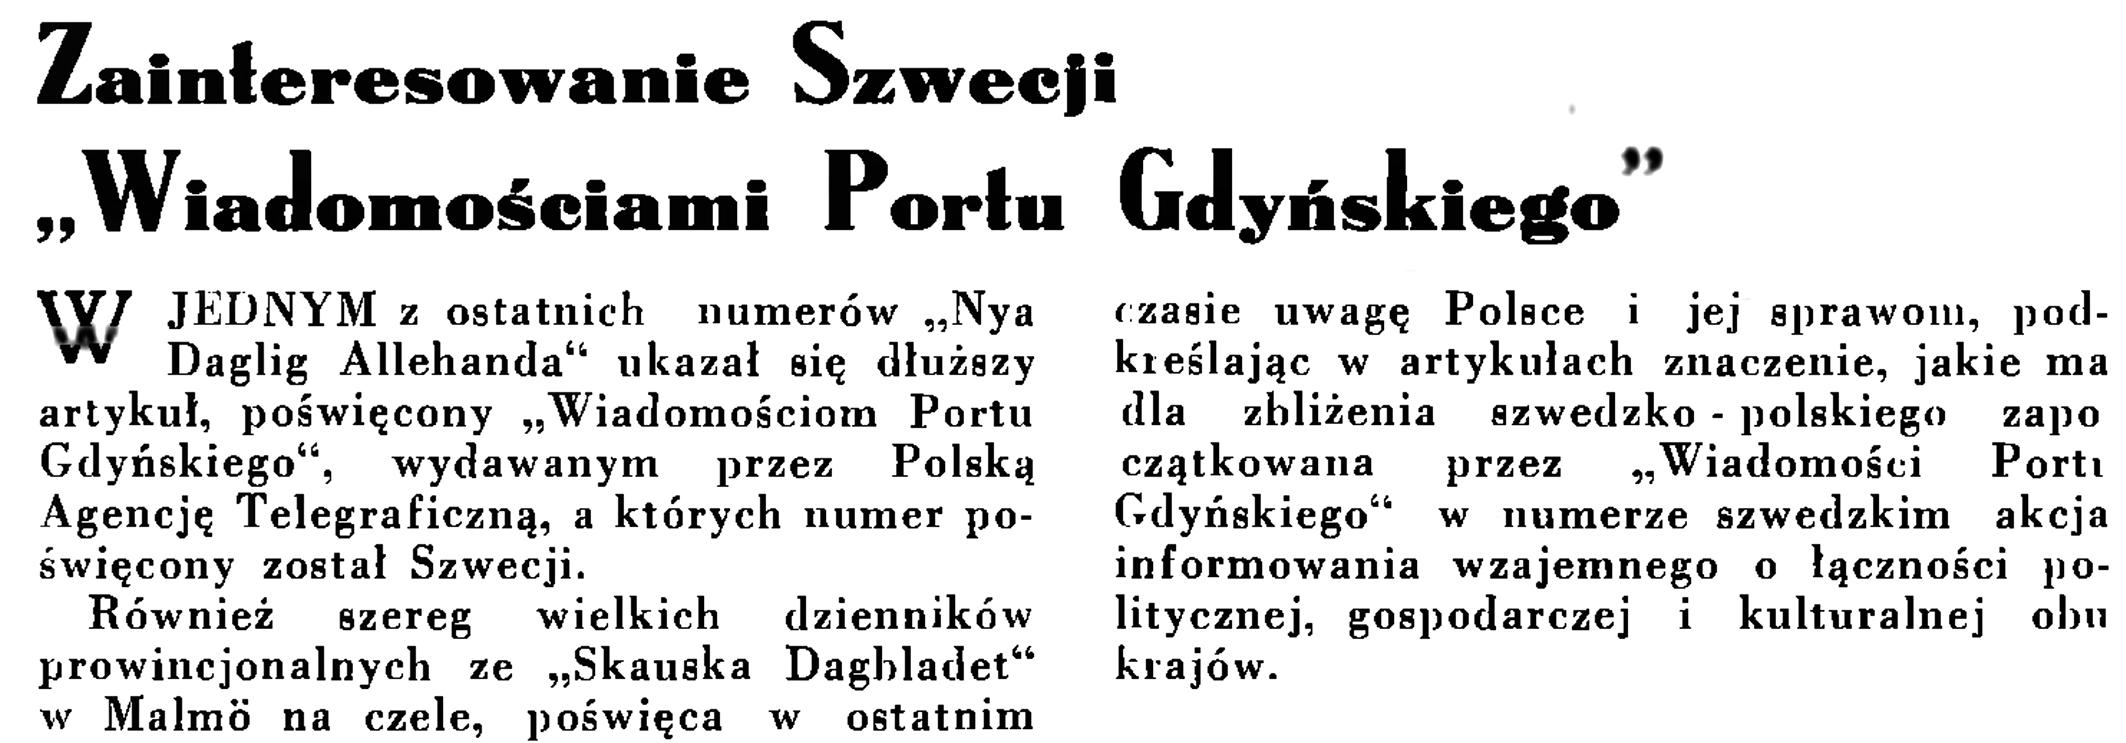 """Zainteresowanie Szwecji """"Wiadomościami Portu Gdyńskiego"""" // Wiadomości Portu Gdyńskiego. - 1935, nr 1, s. 10"""